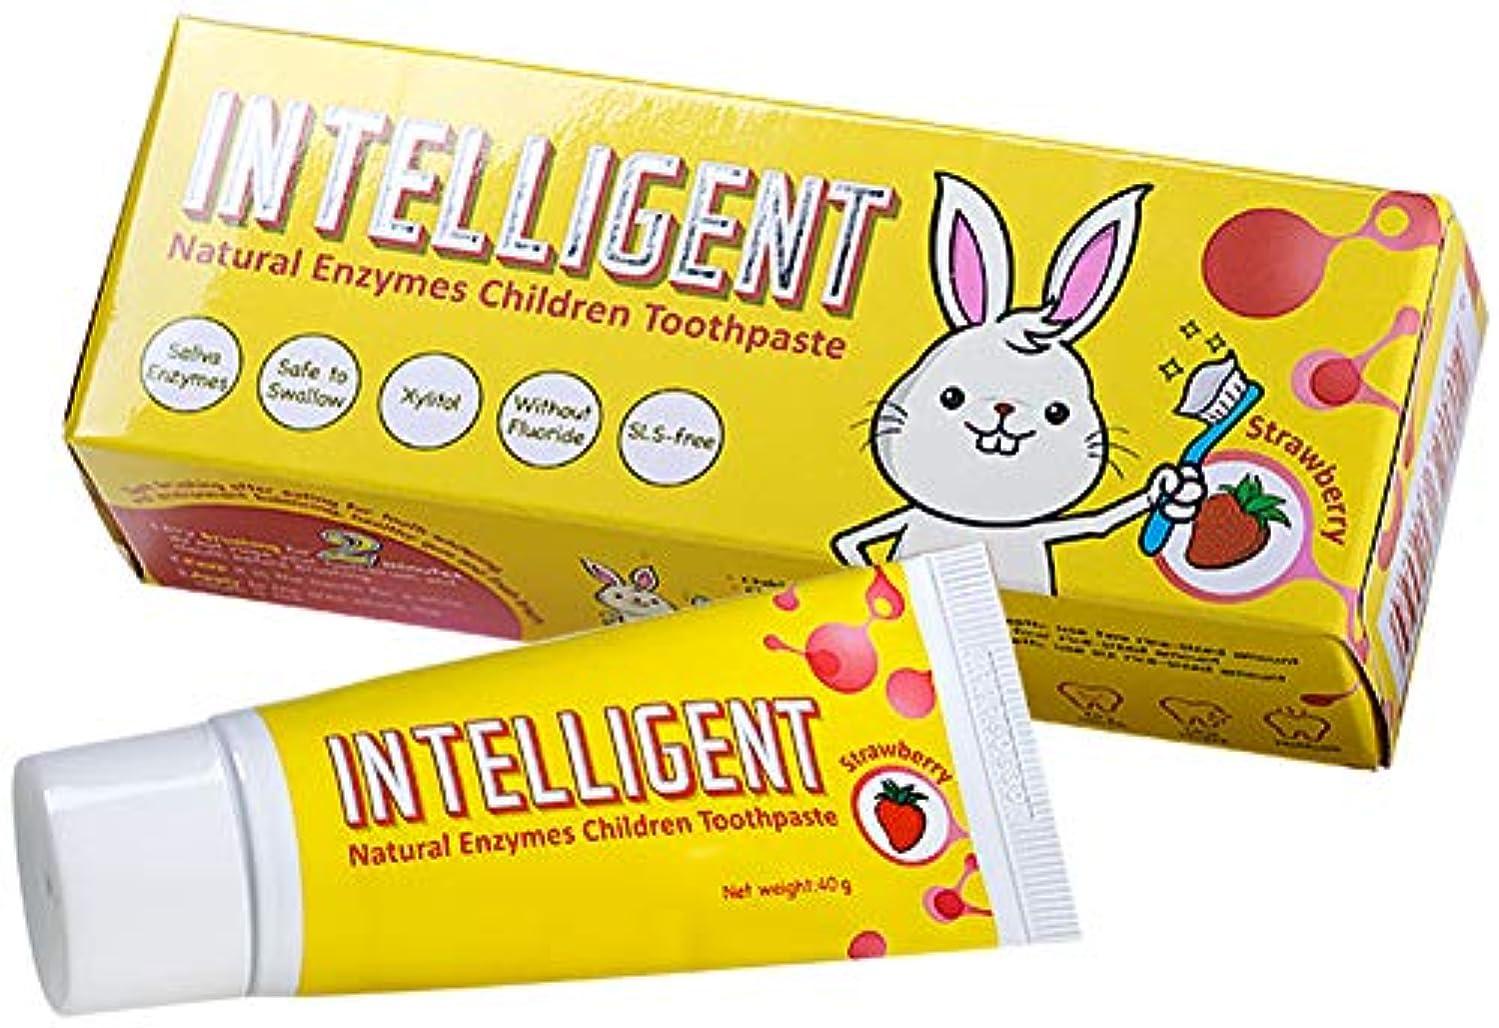 または矢グローインテリジェント唾液の自浄酵素入り子供用歯磨き粉40g【フッ素無し、泡立ちなし、うがい不要、辛くない】【低刺激 こども用ハミガキ粉、低研磨 子ども用はみがき粉】【イチゴ, 1個】